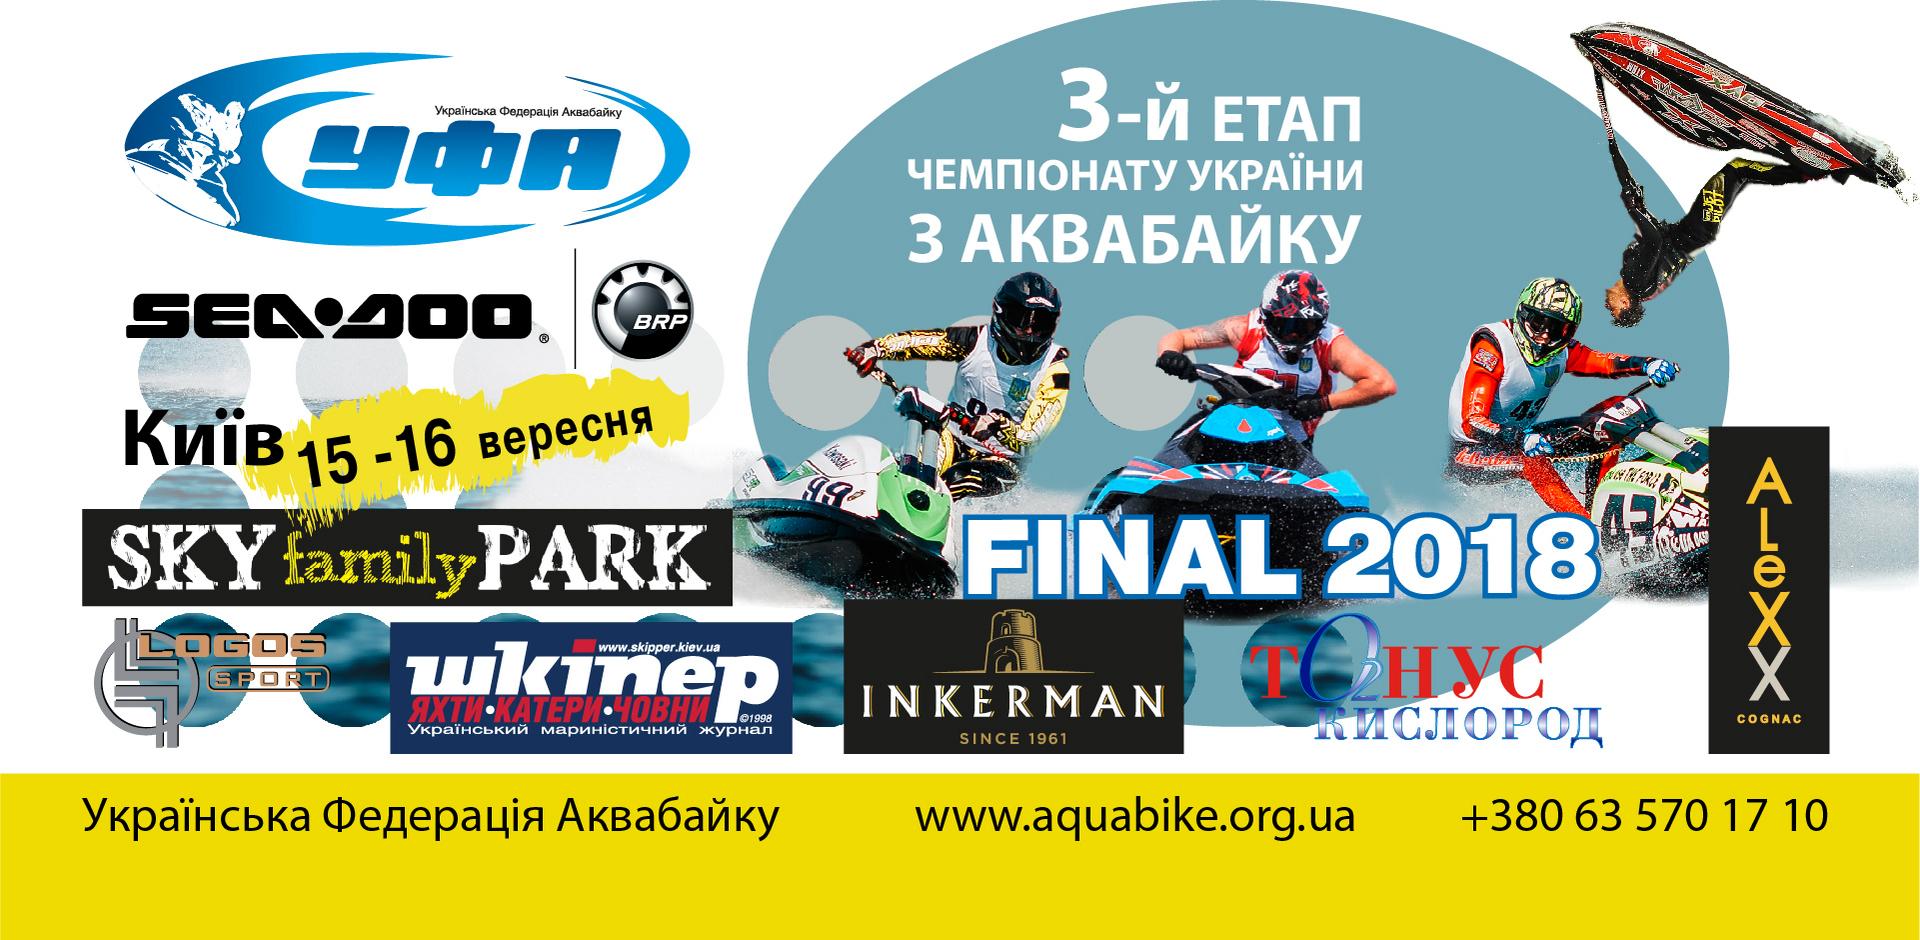 15-16.09.2018. Третій етап Чемпіонату України з аквабайку. Київ!